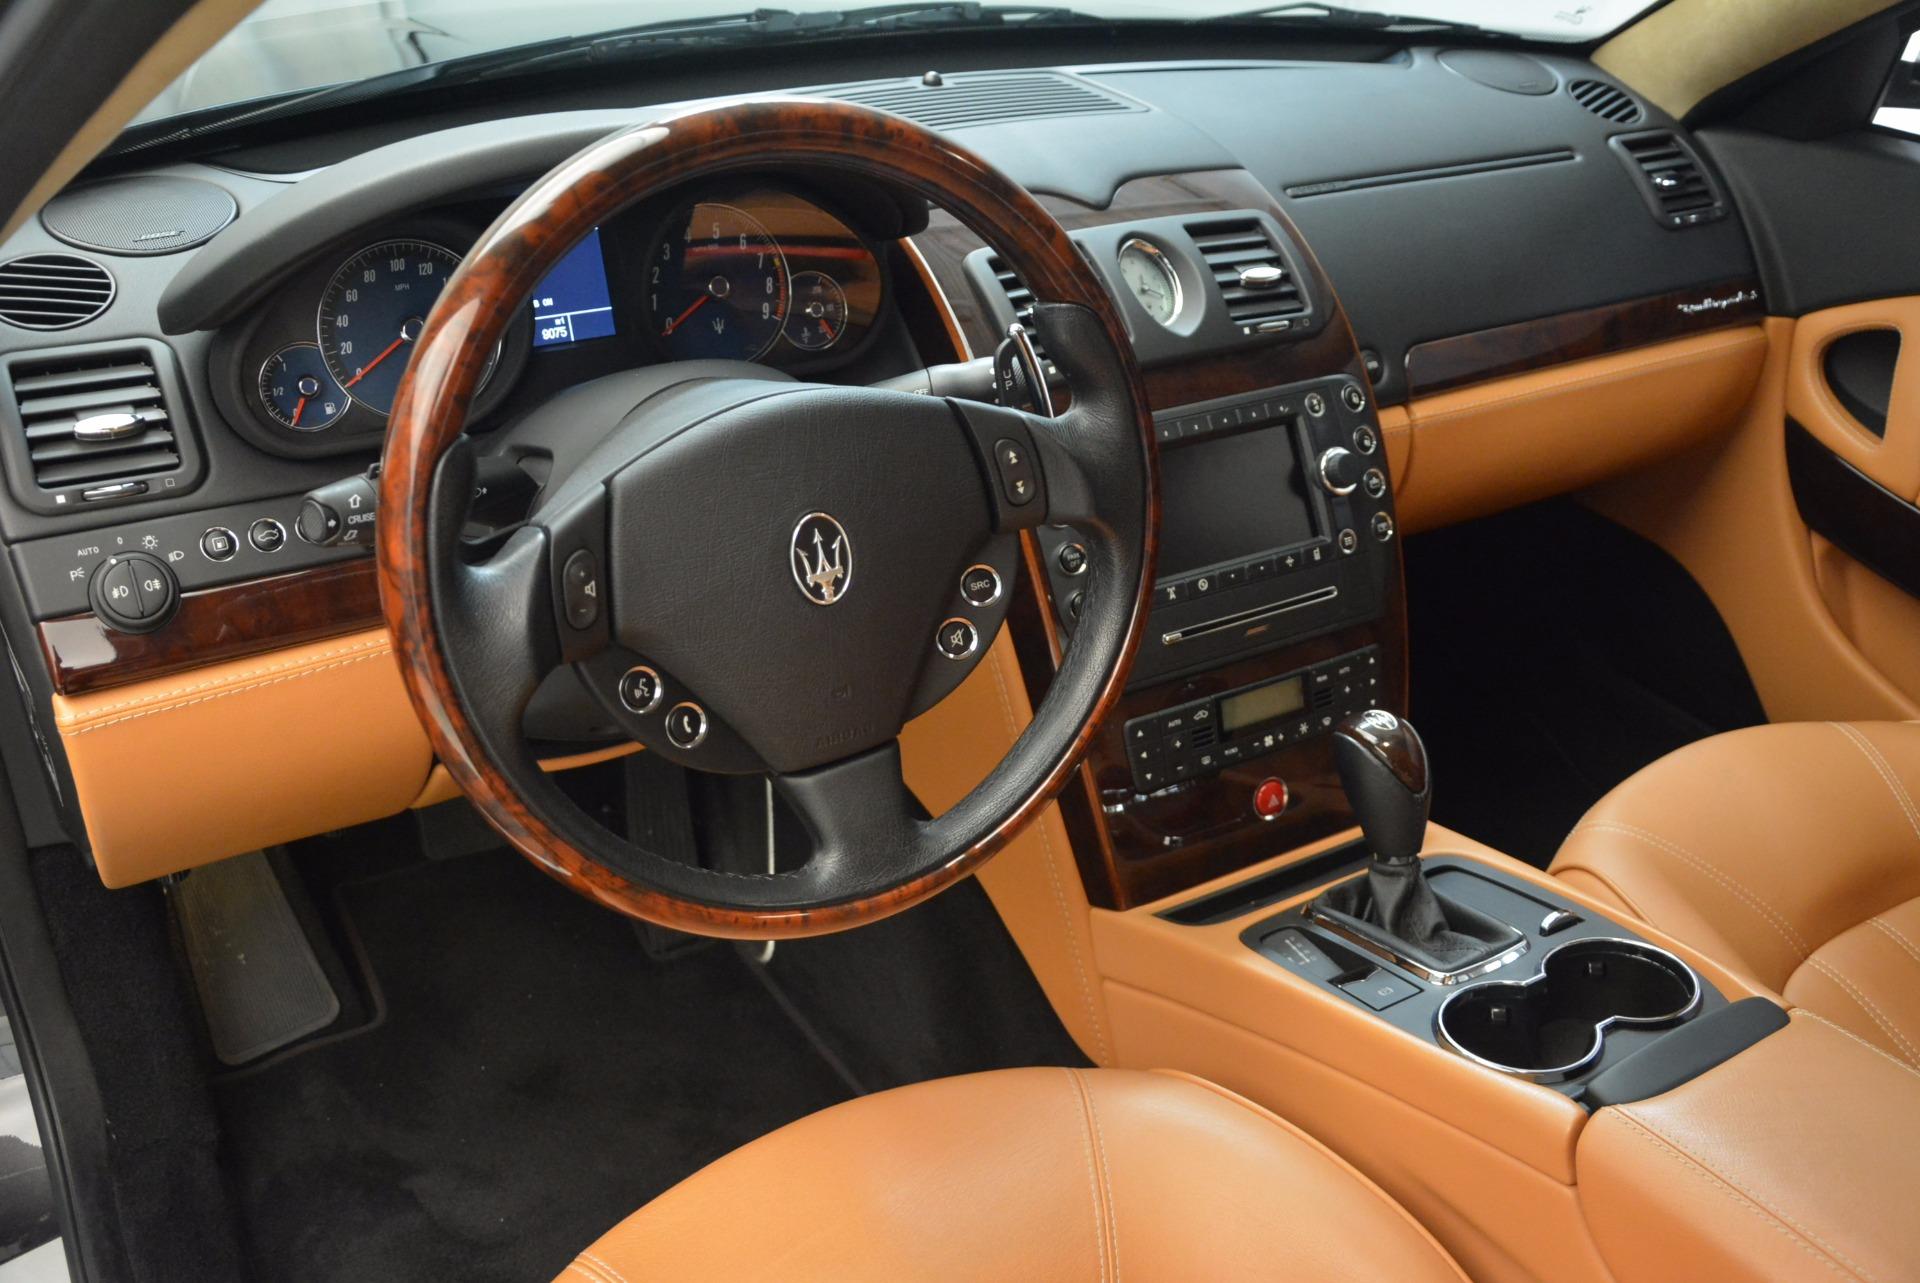 Used 2010 Maserati Quattroporte S For Sale In Greenwich, CT 1551_p25